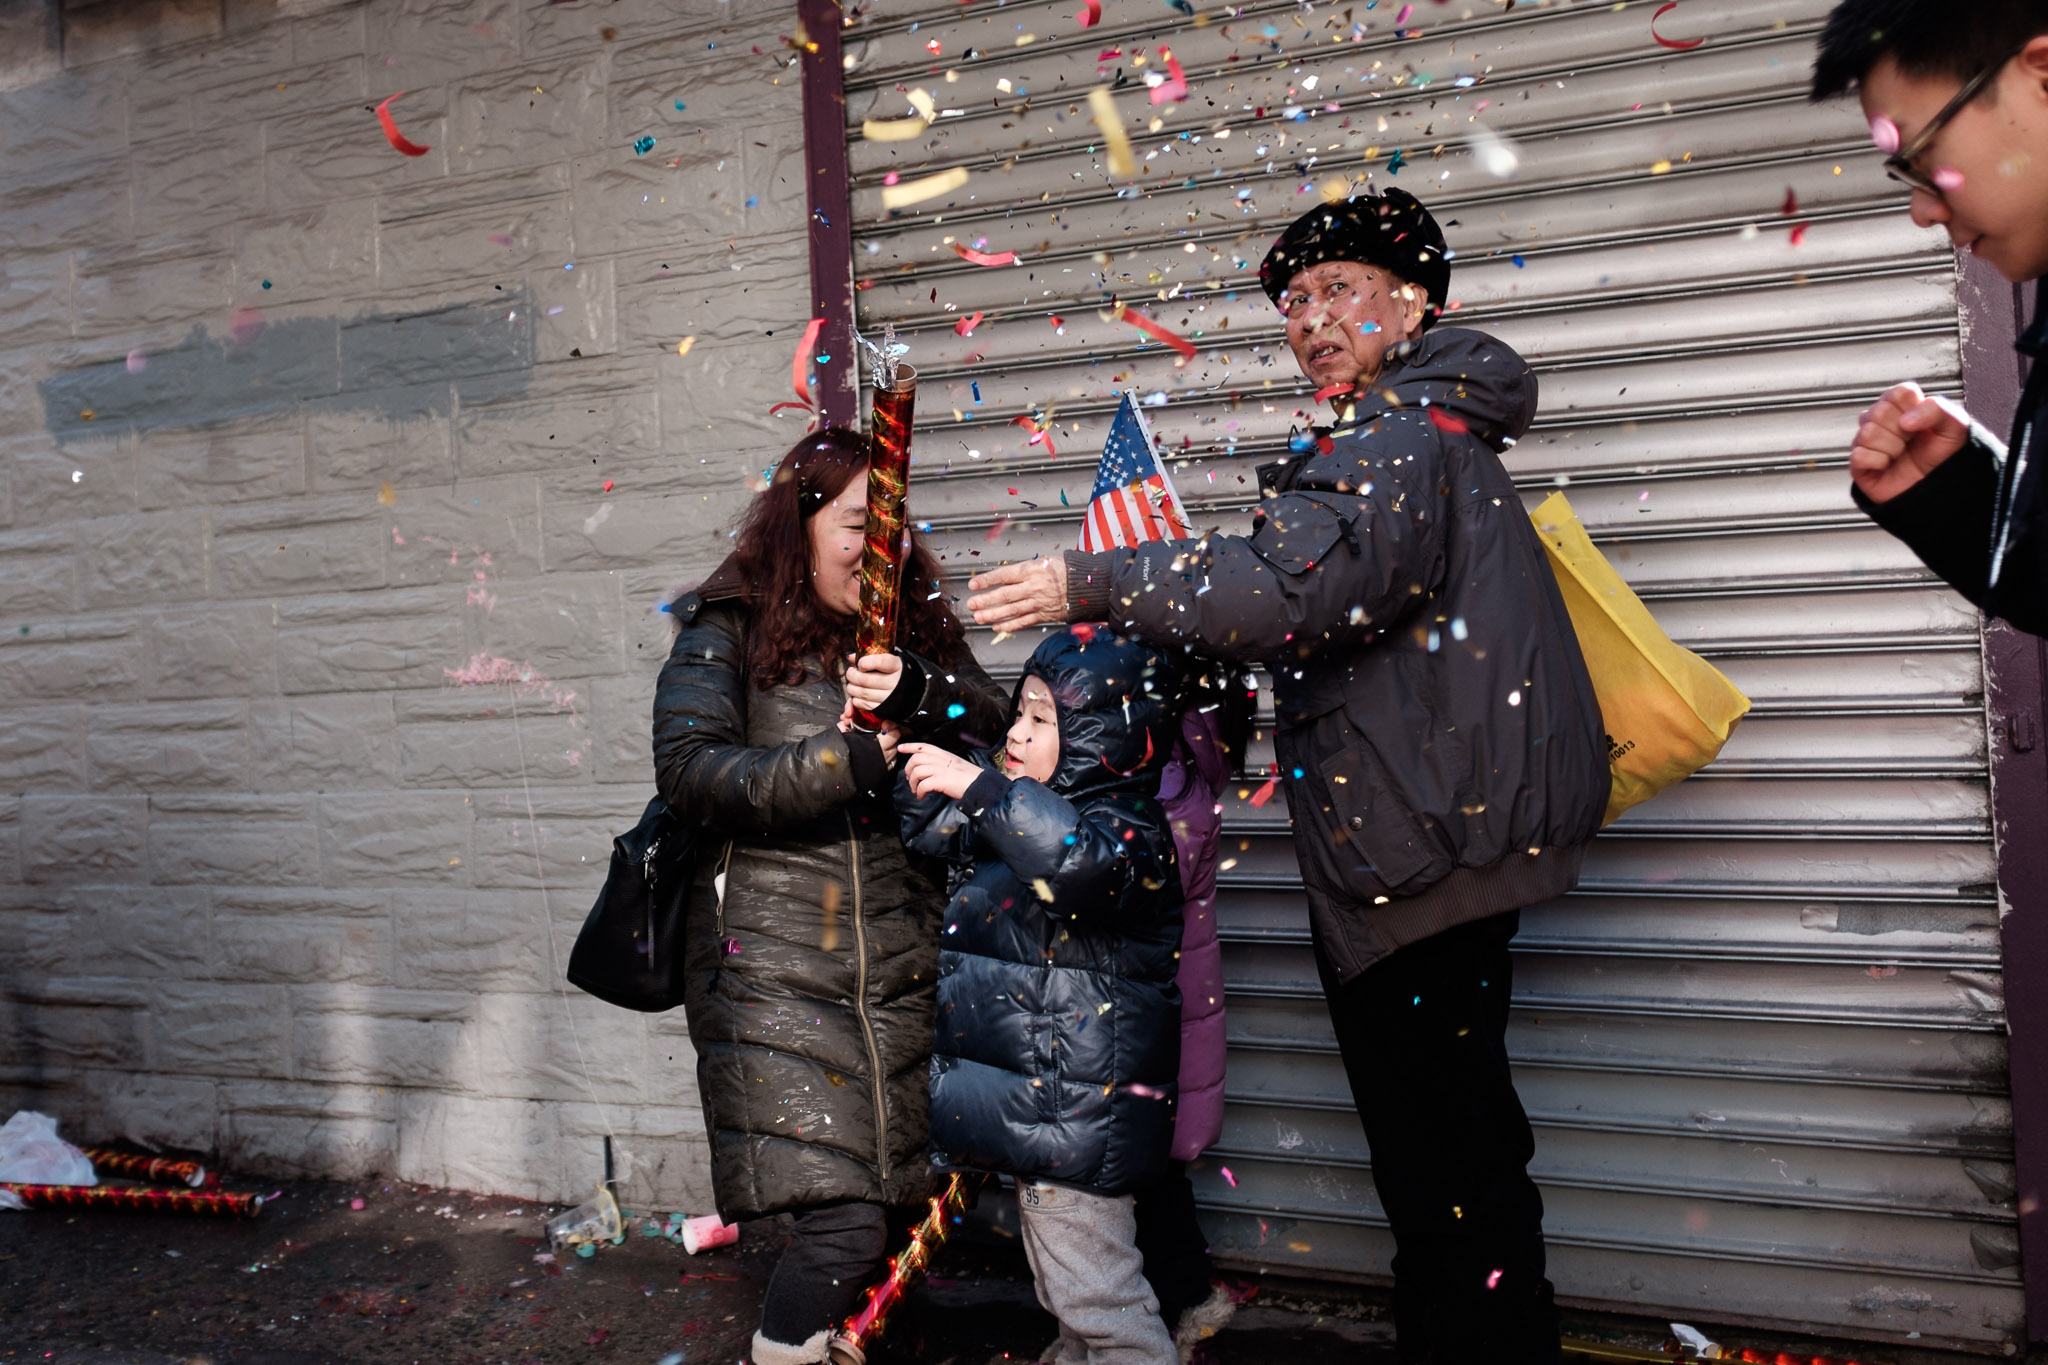 Chinese Luna New Year Parade, NY. #yearofthegoat